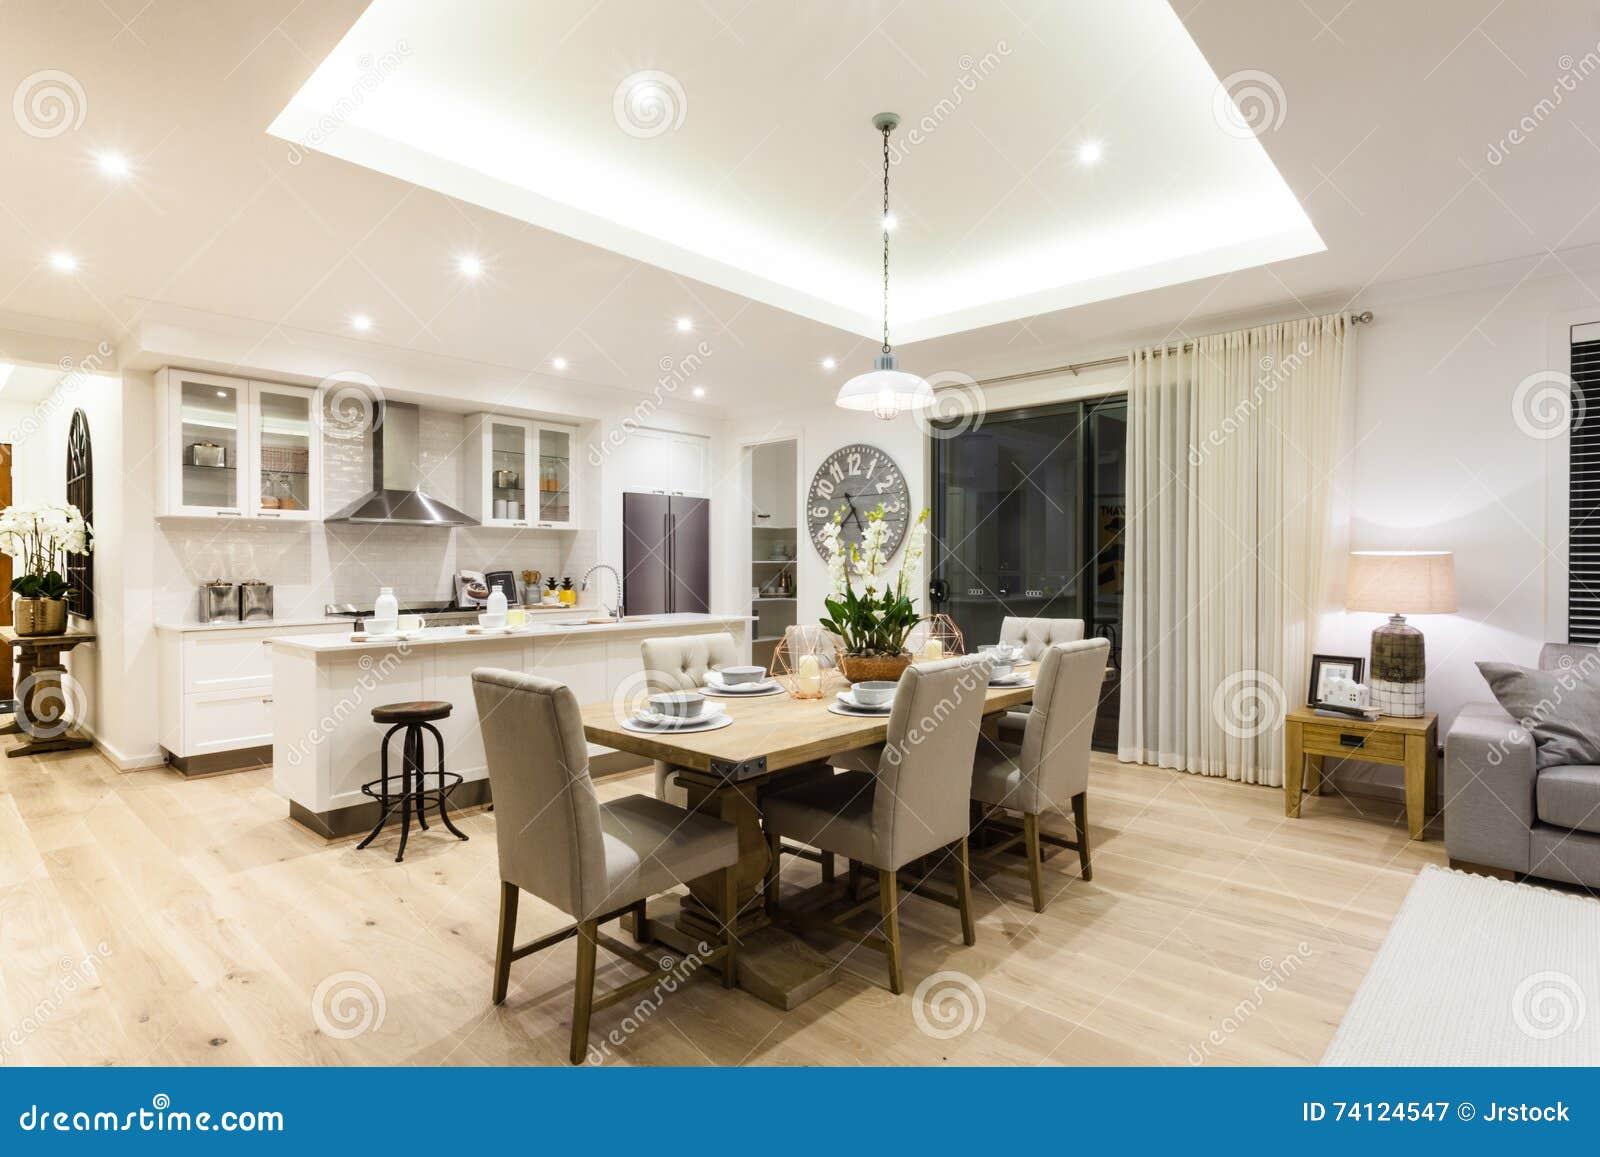 Moderne woonkamer en keuken met een houten vloer stock afbeelding afbeelding 74124547 - Moderne keuken en woonkamer ...